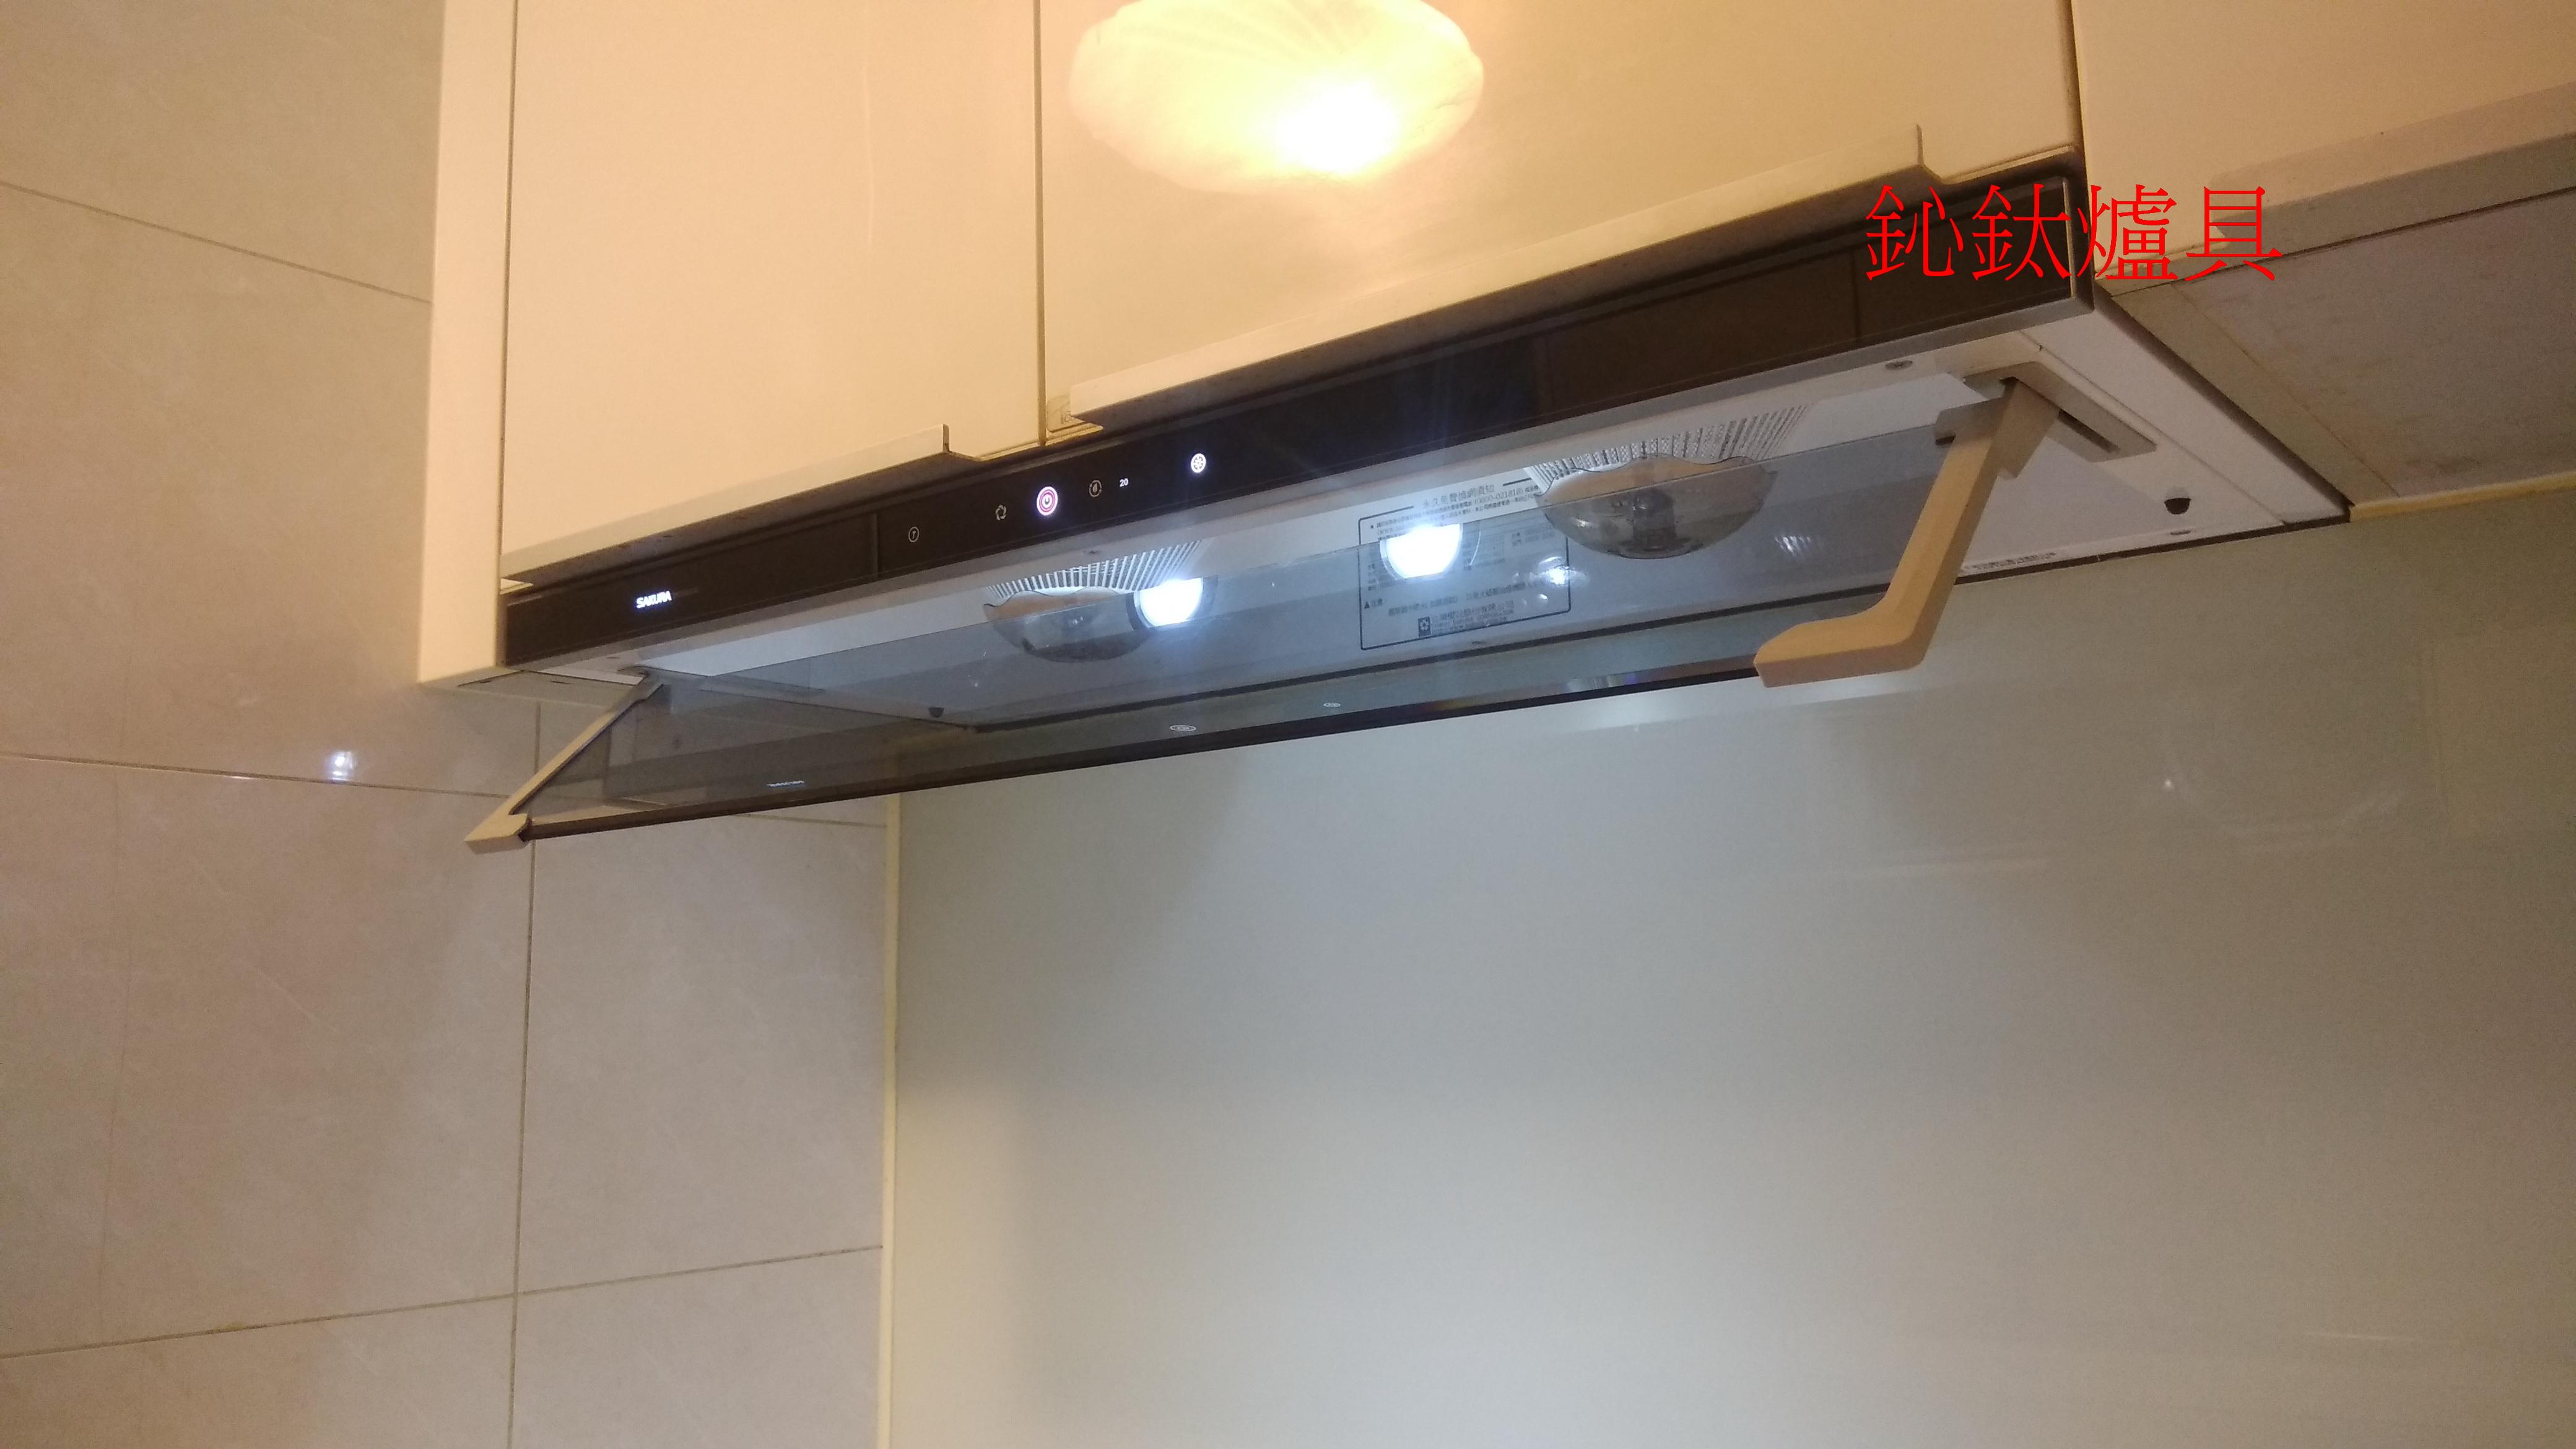 櫻花排油煙機DR3592AXL觸控隱藏型除油煙機 - 渦輪變頻系列(90CM).jpg